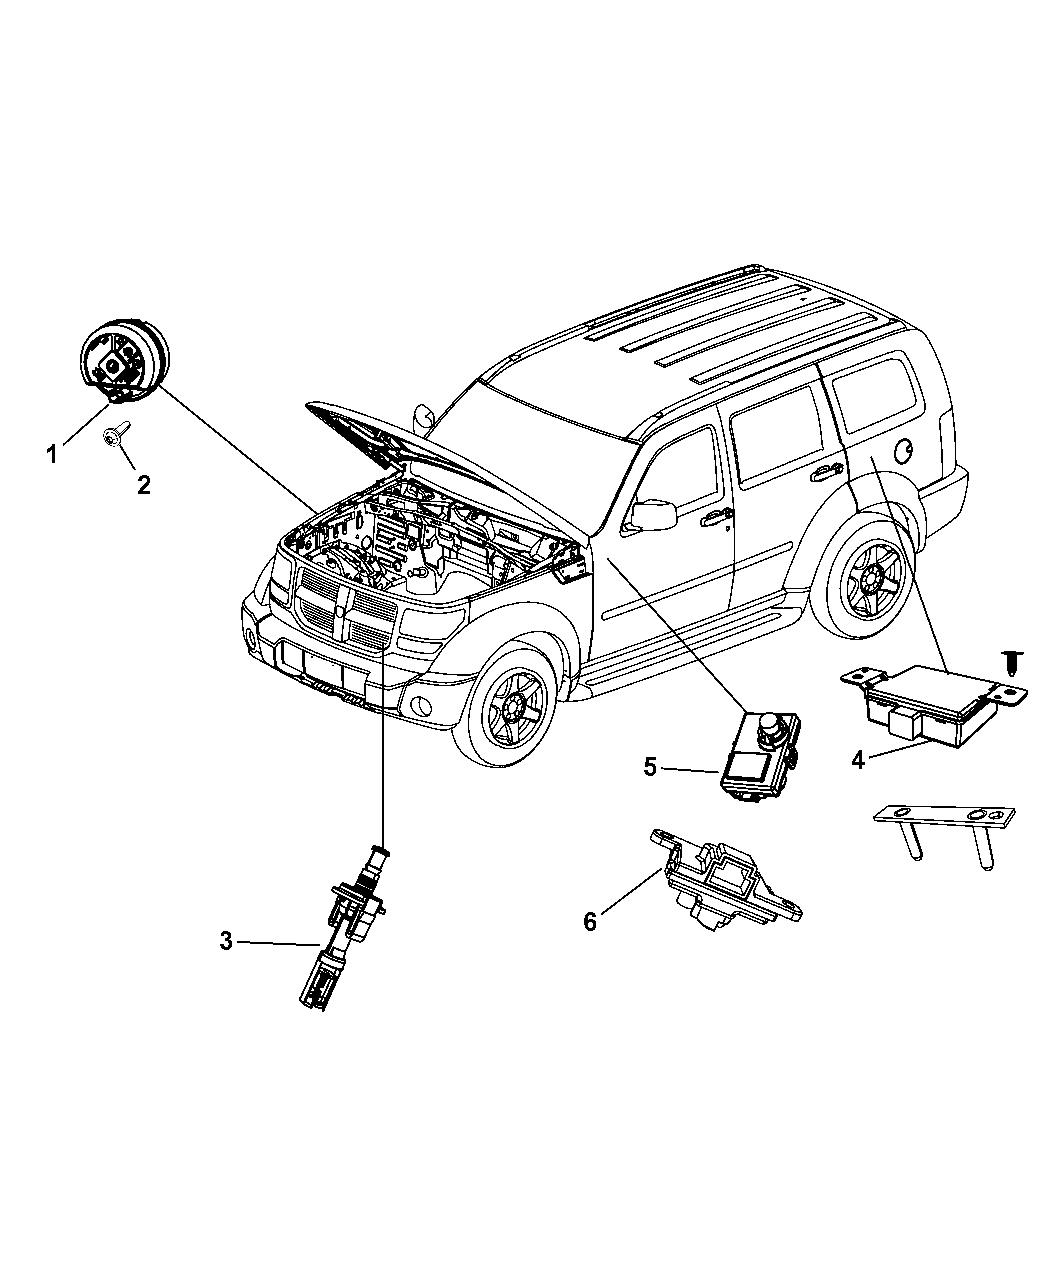 diagram for part no : 56038727af